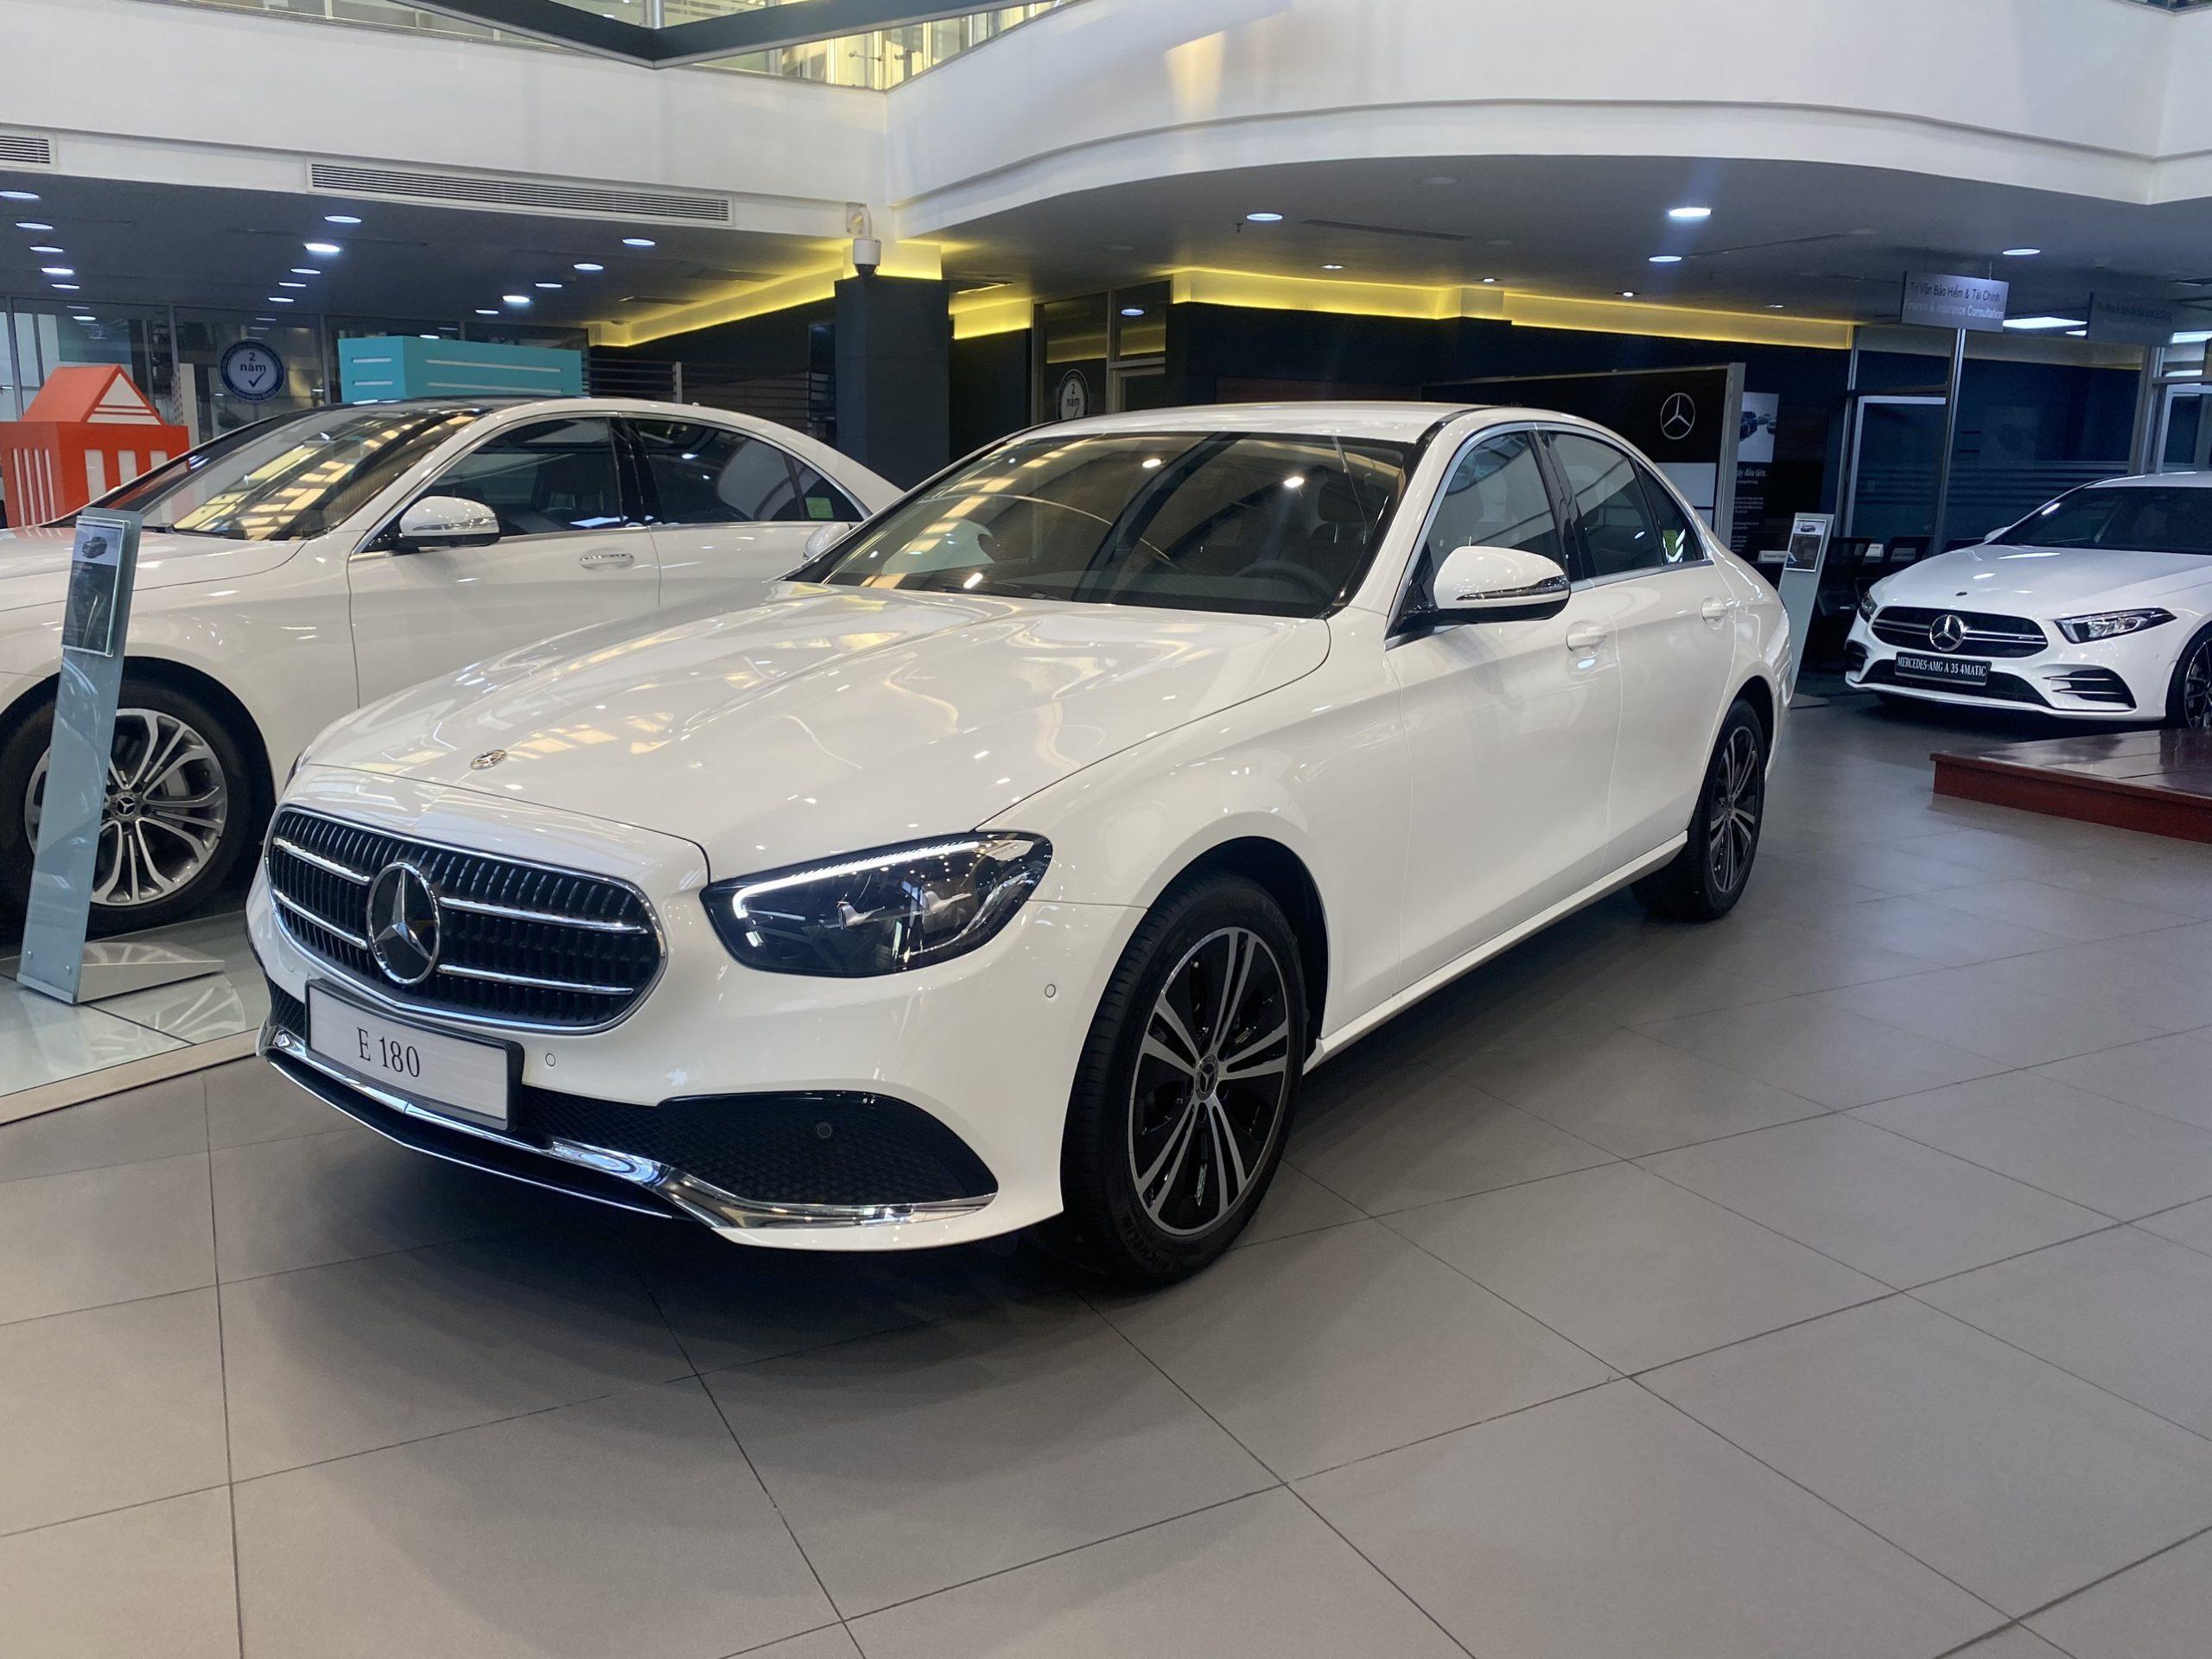 Mercedes E180 với kích thước 4930 x 1870 x1460